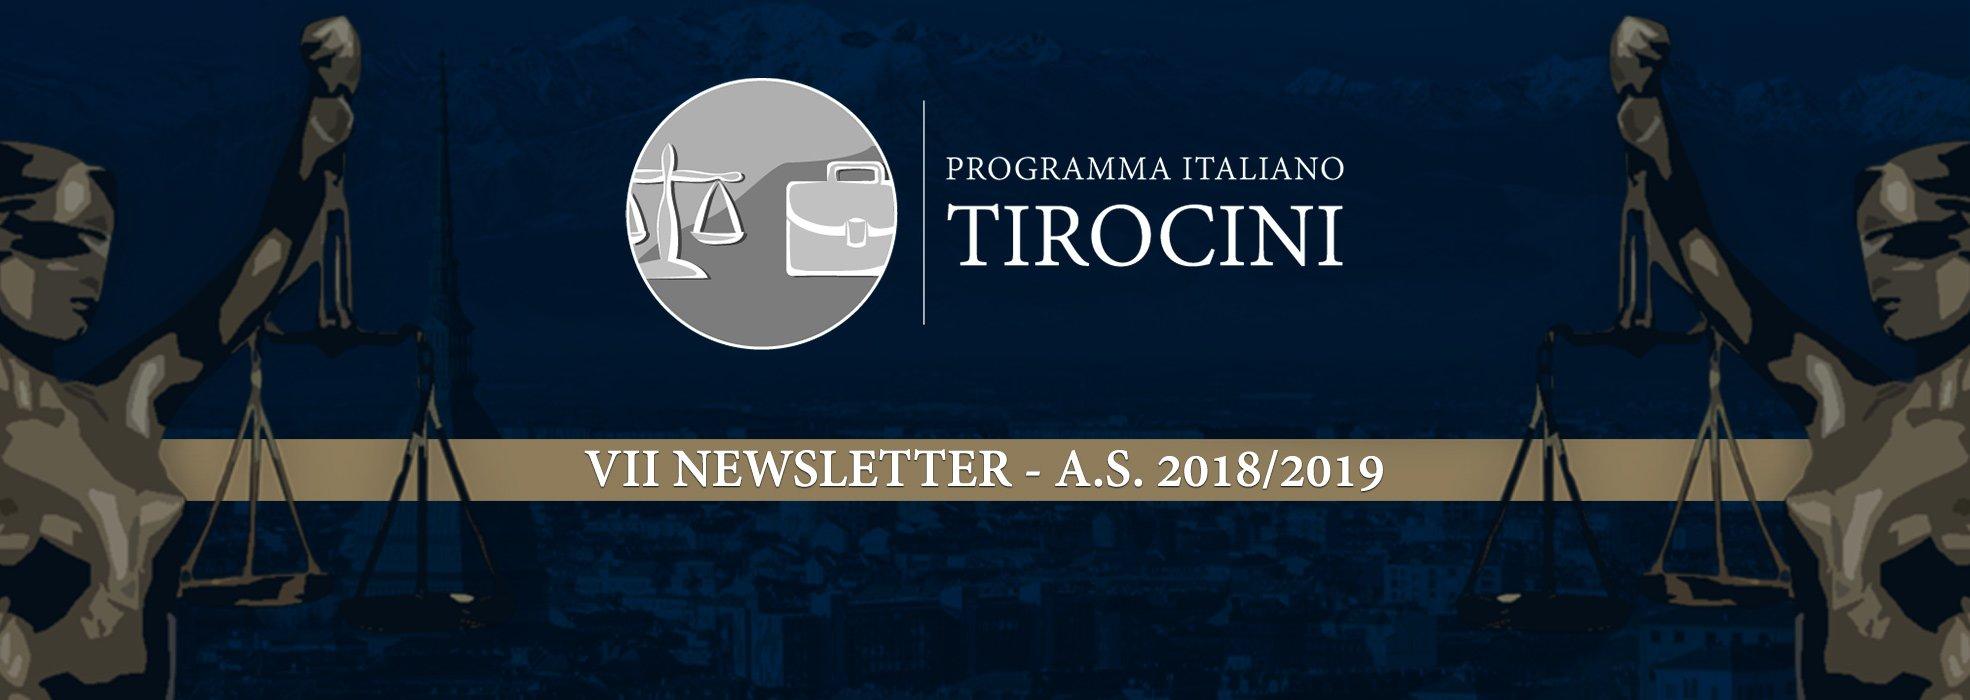 Programma Italiano Tirocini (PIT) – VII Newsletter 2018/2019